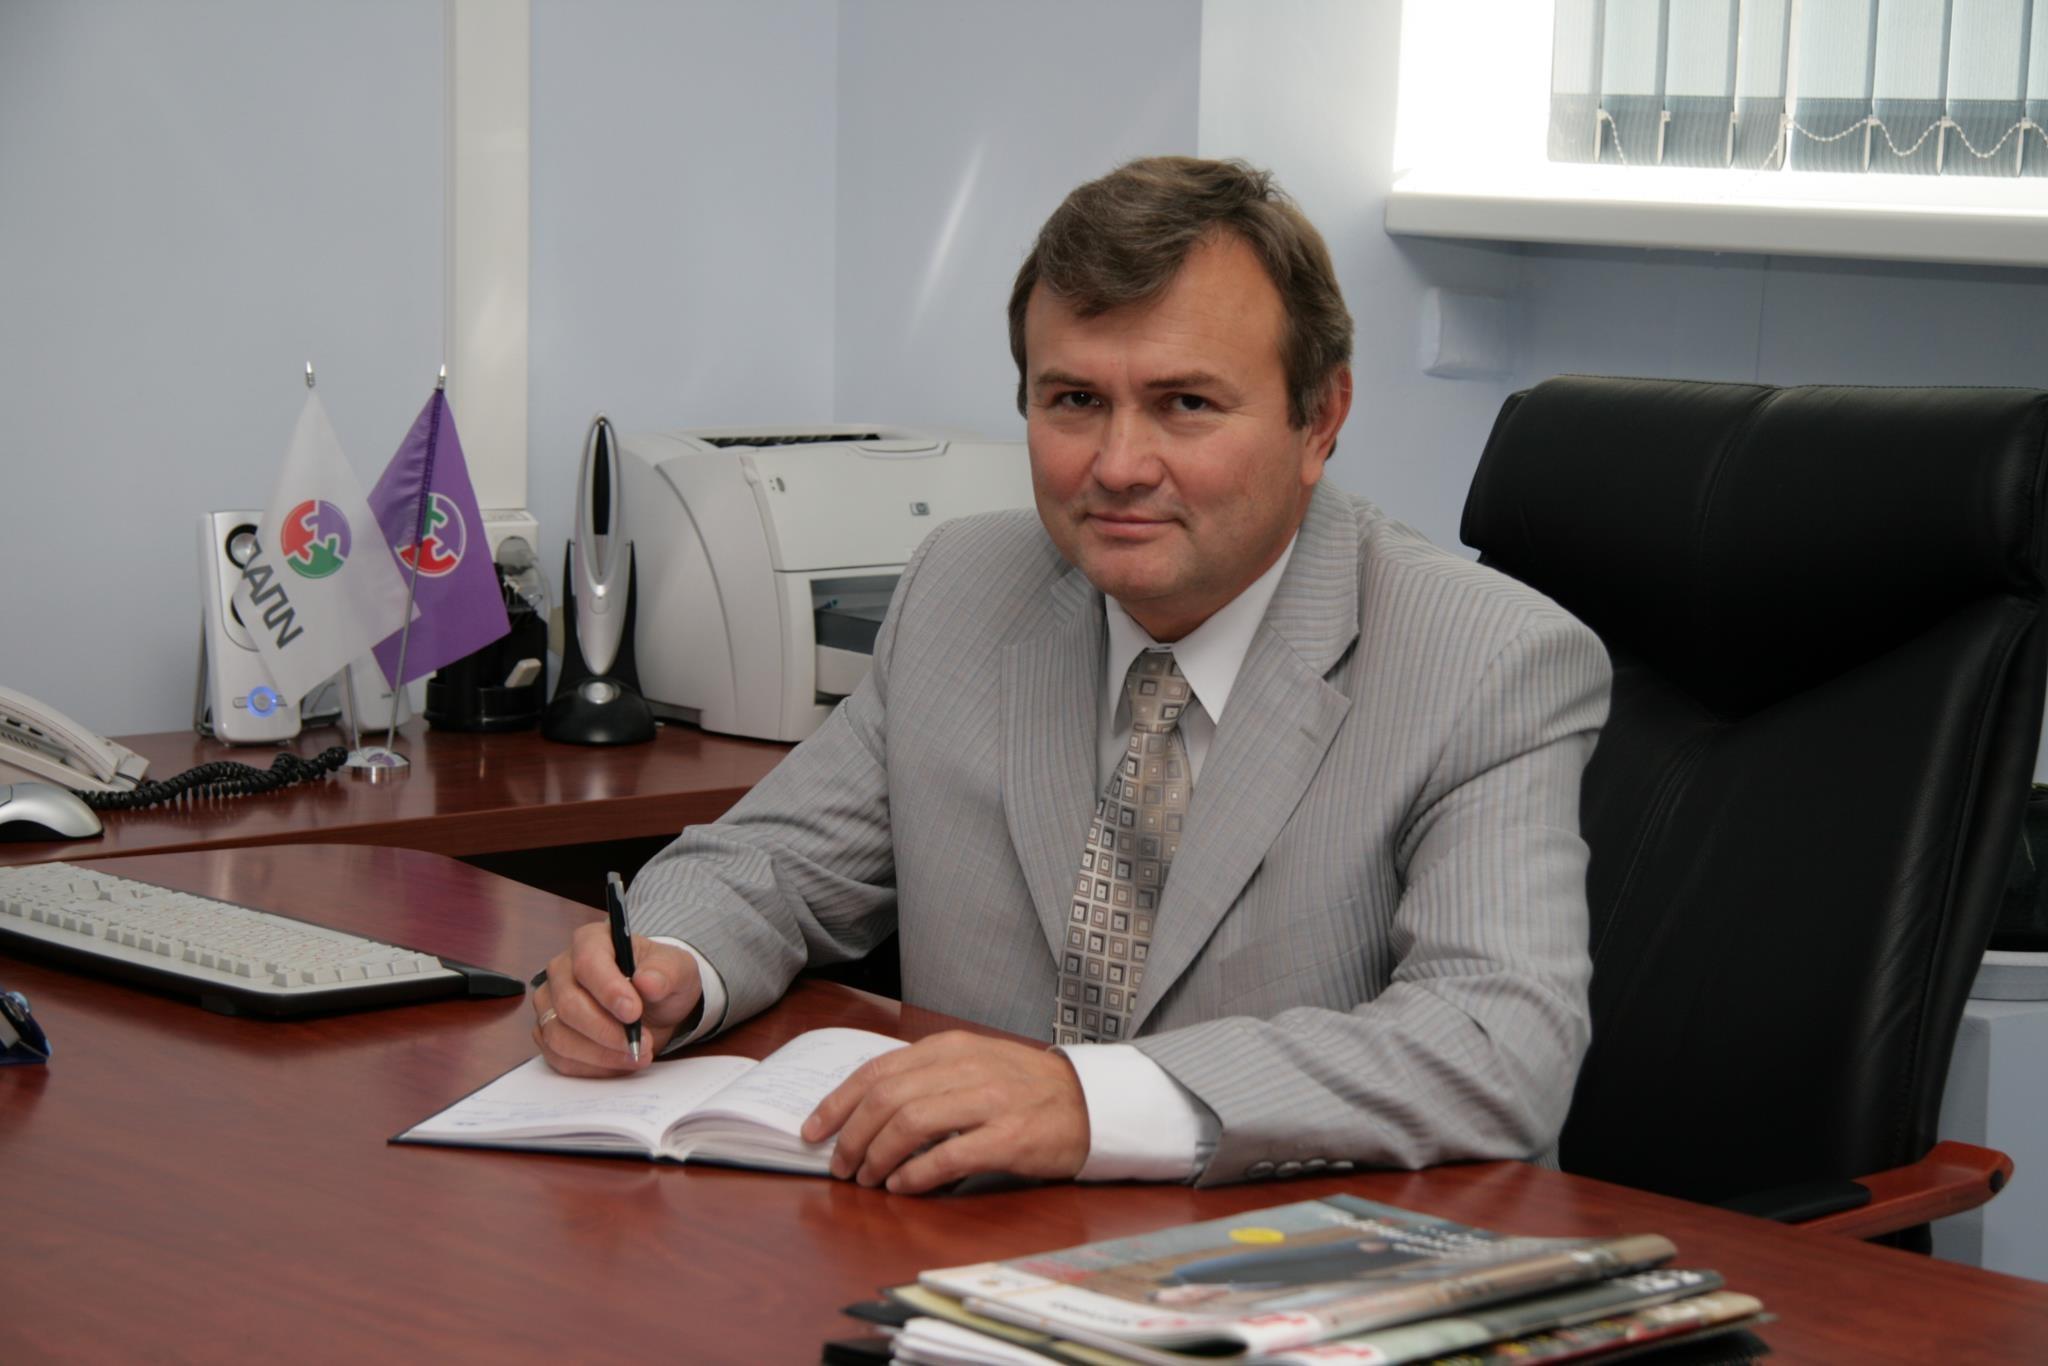 Нефёдов А.В - создатель системы Рули24, предприятия в облаках